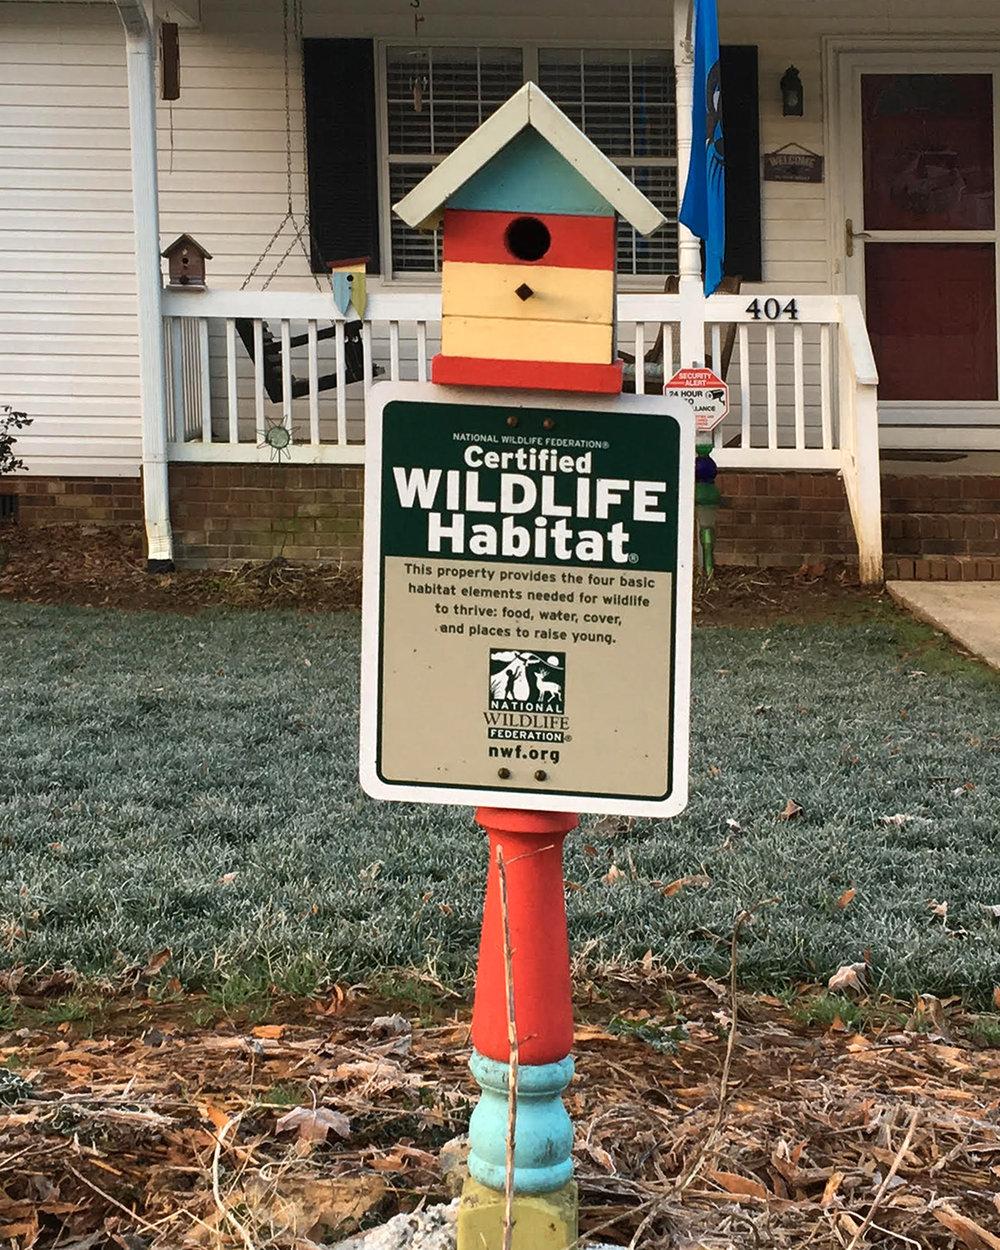 habitat tom klipp birdhouse.jpg